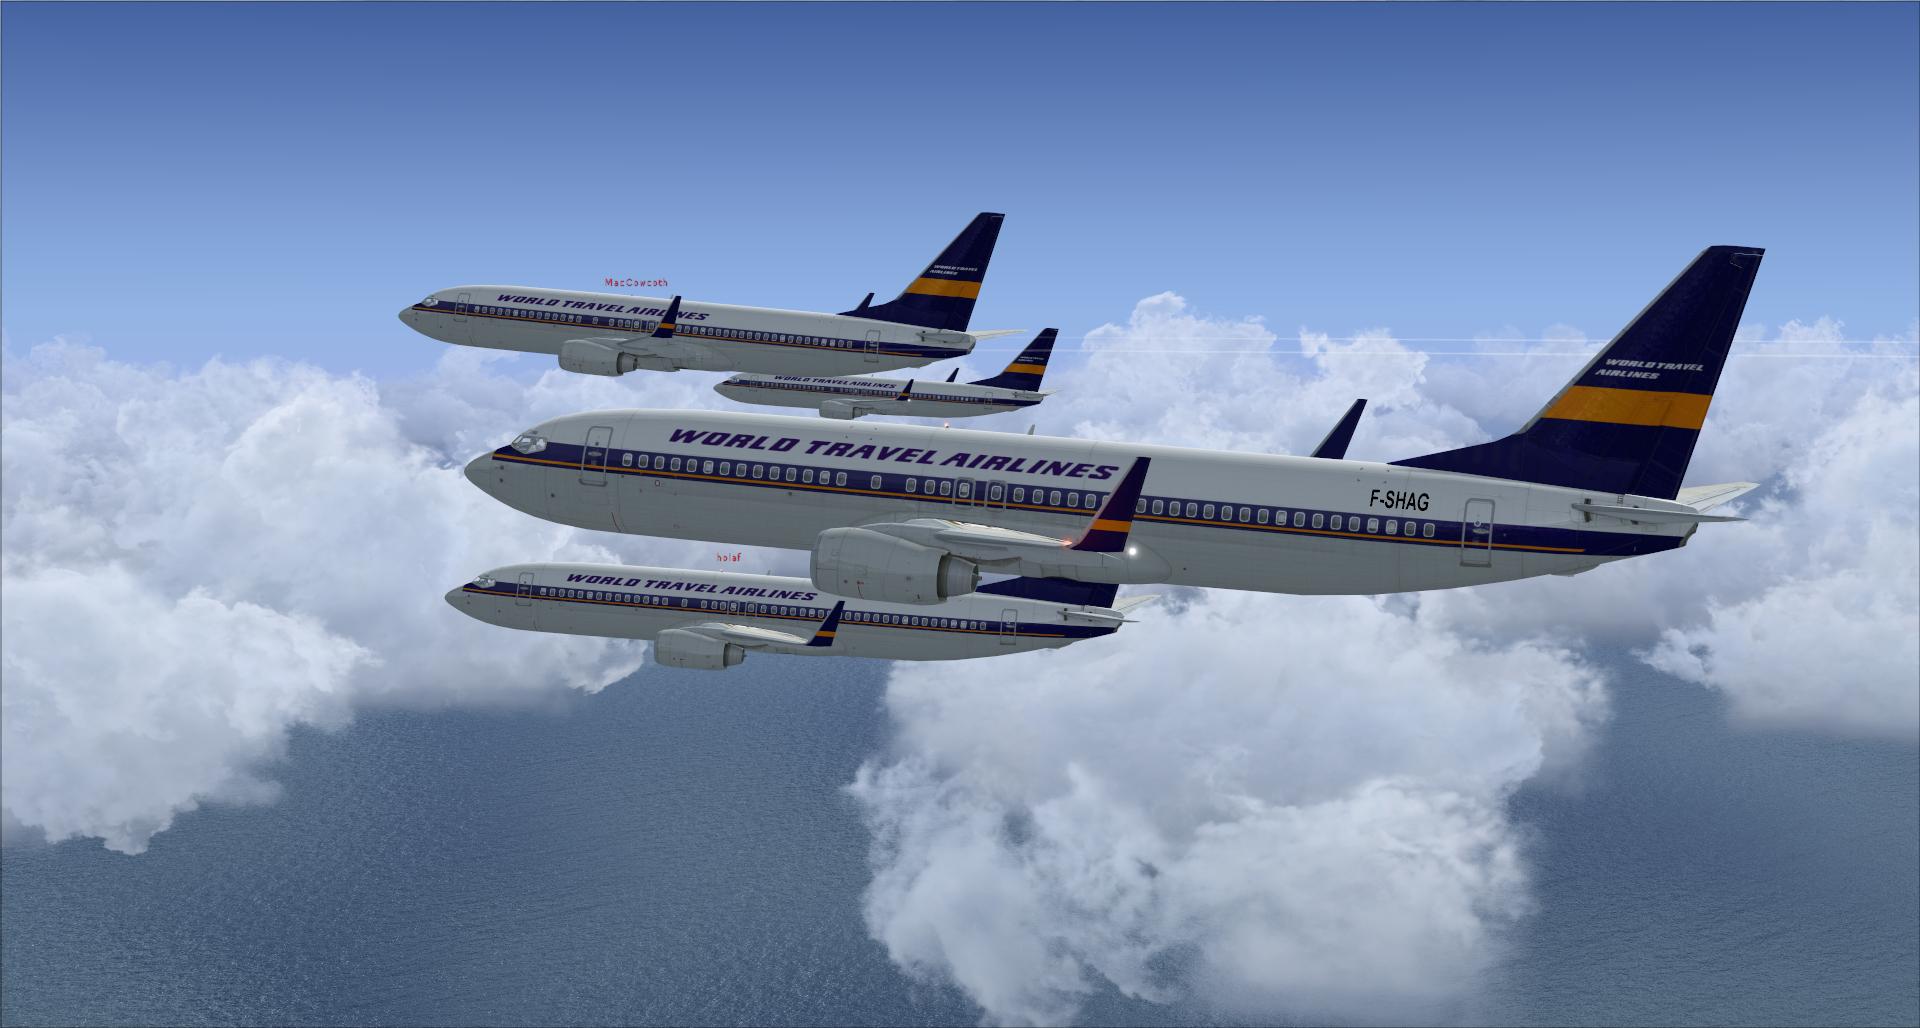 Compte rendu de ce vol patrouille en linear super vol du 23 10 2014 en 737 189536Patrouille